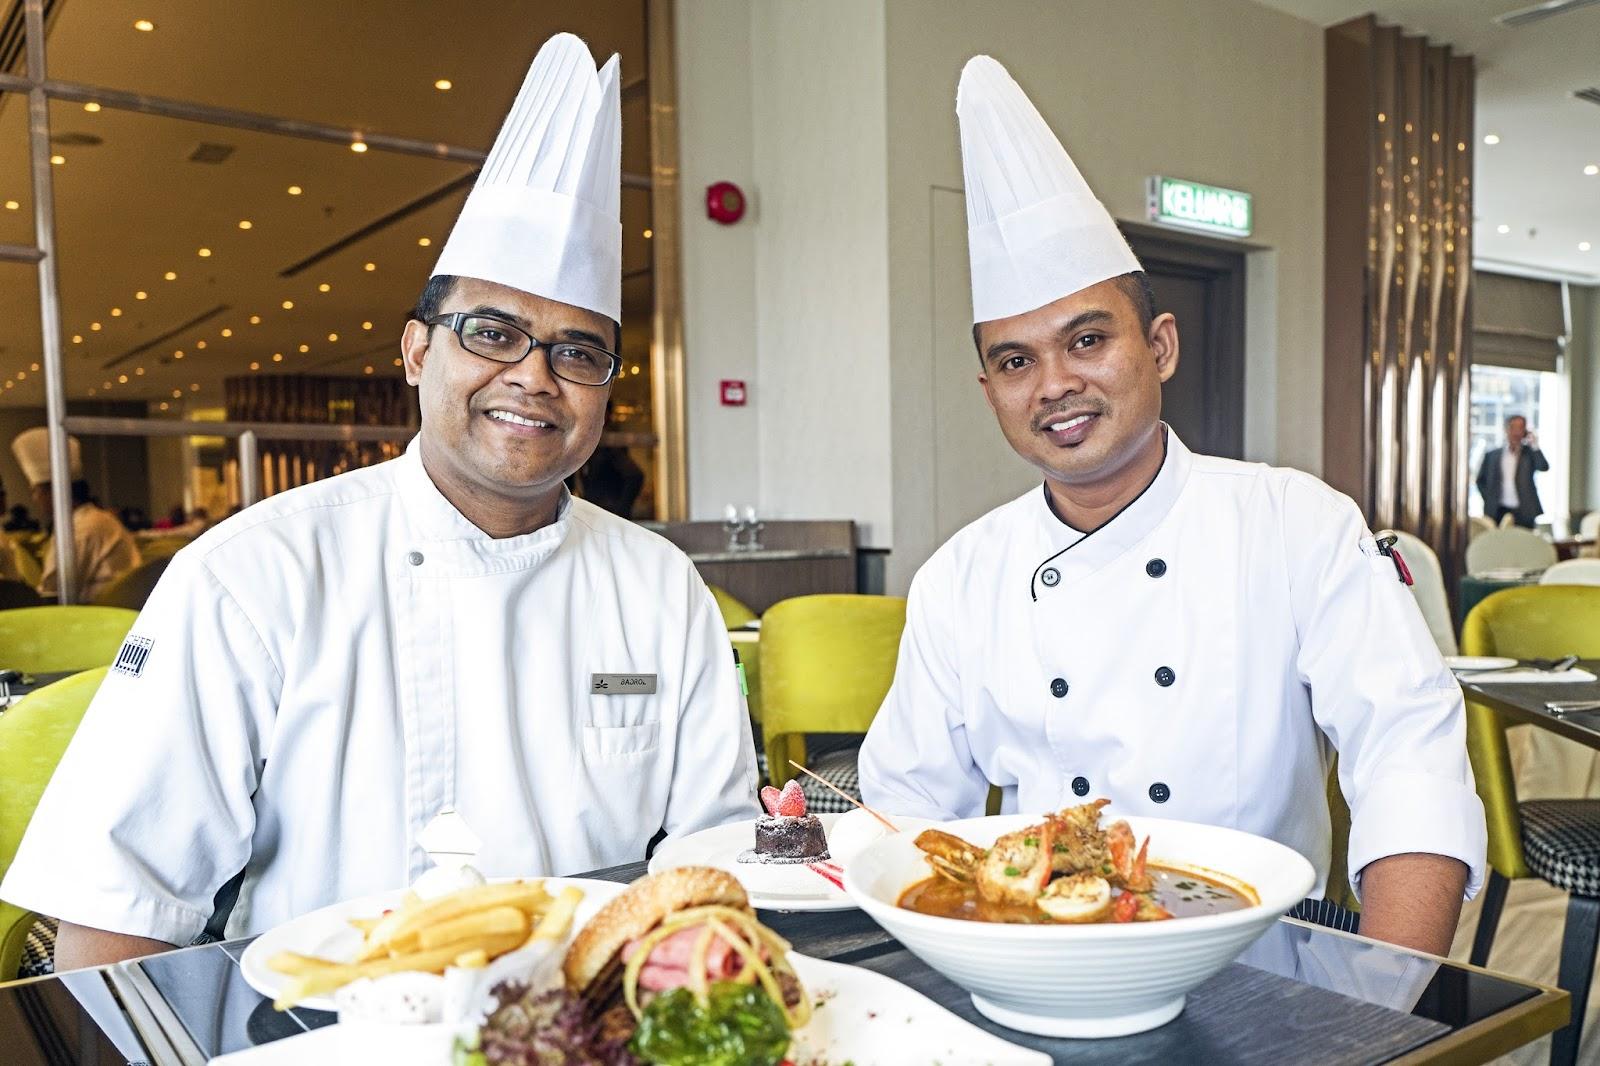 chefs-L1070561.jpg